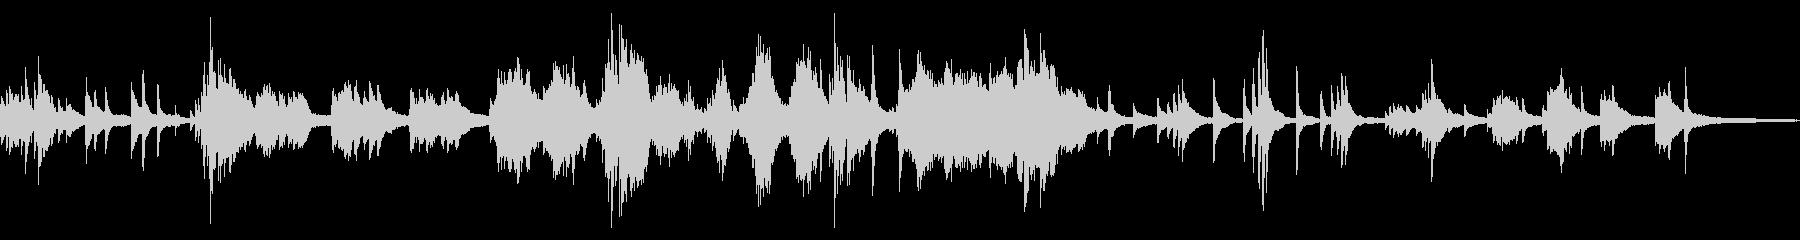 静かな水の中  和風曲3-ピアノソロの未再生の波形